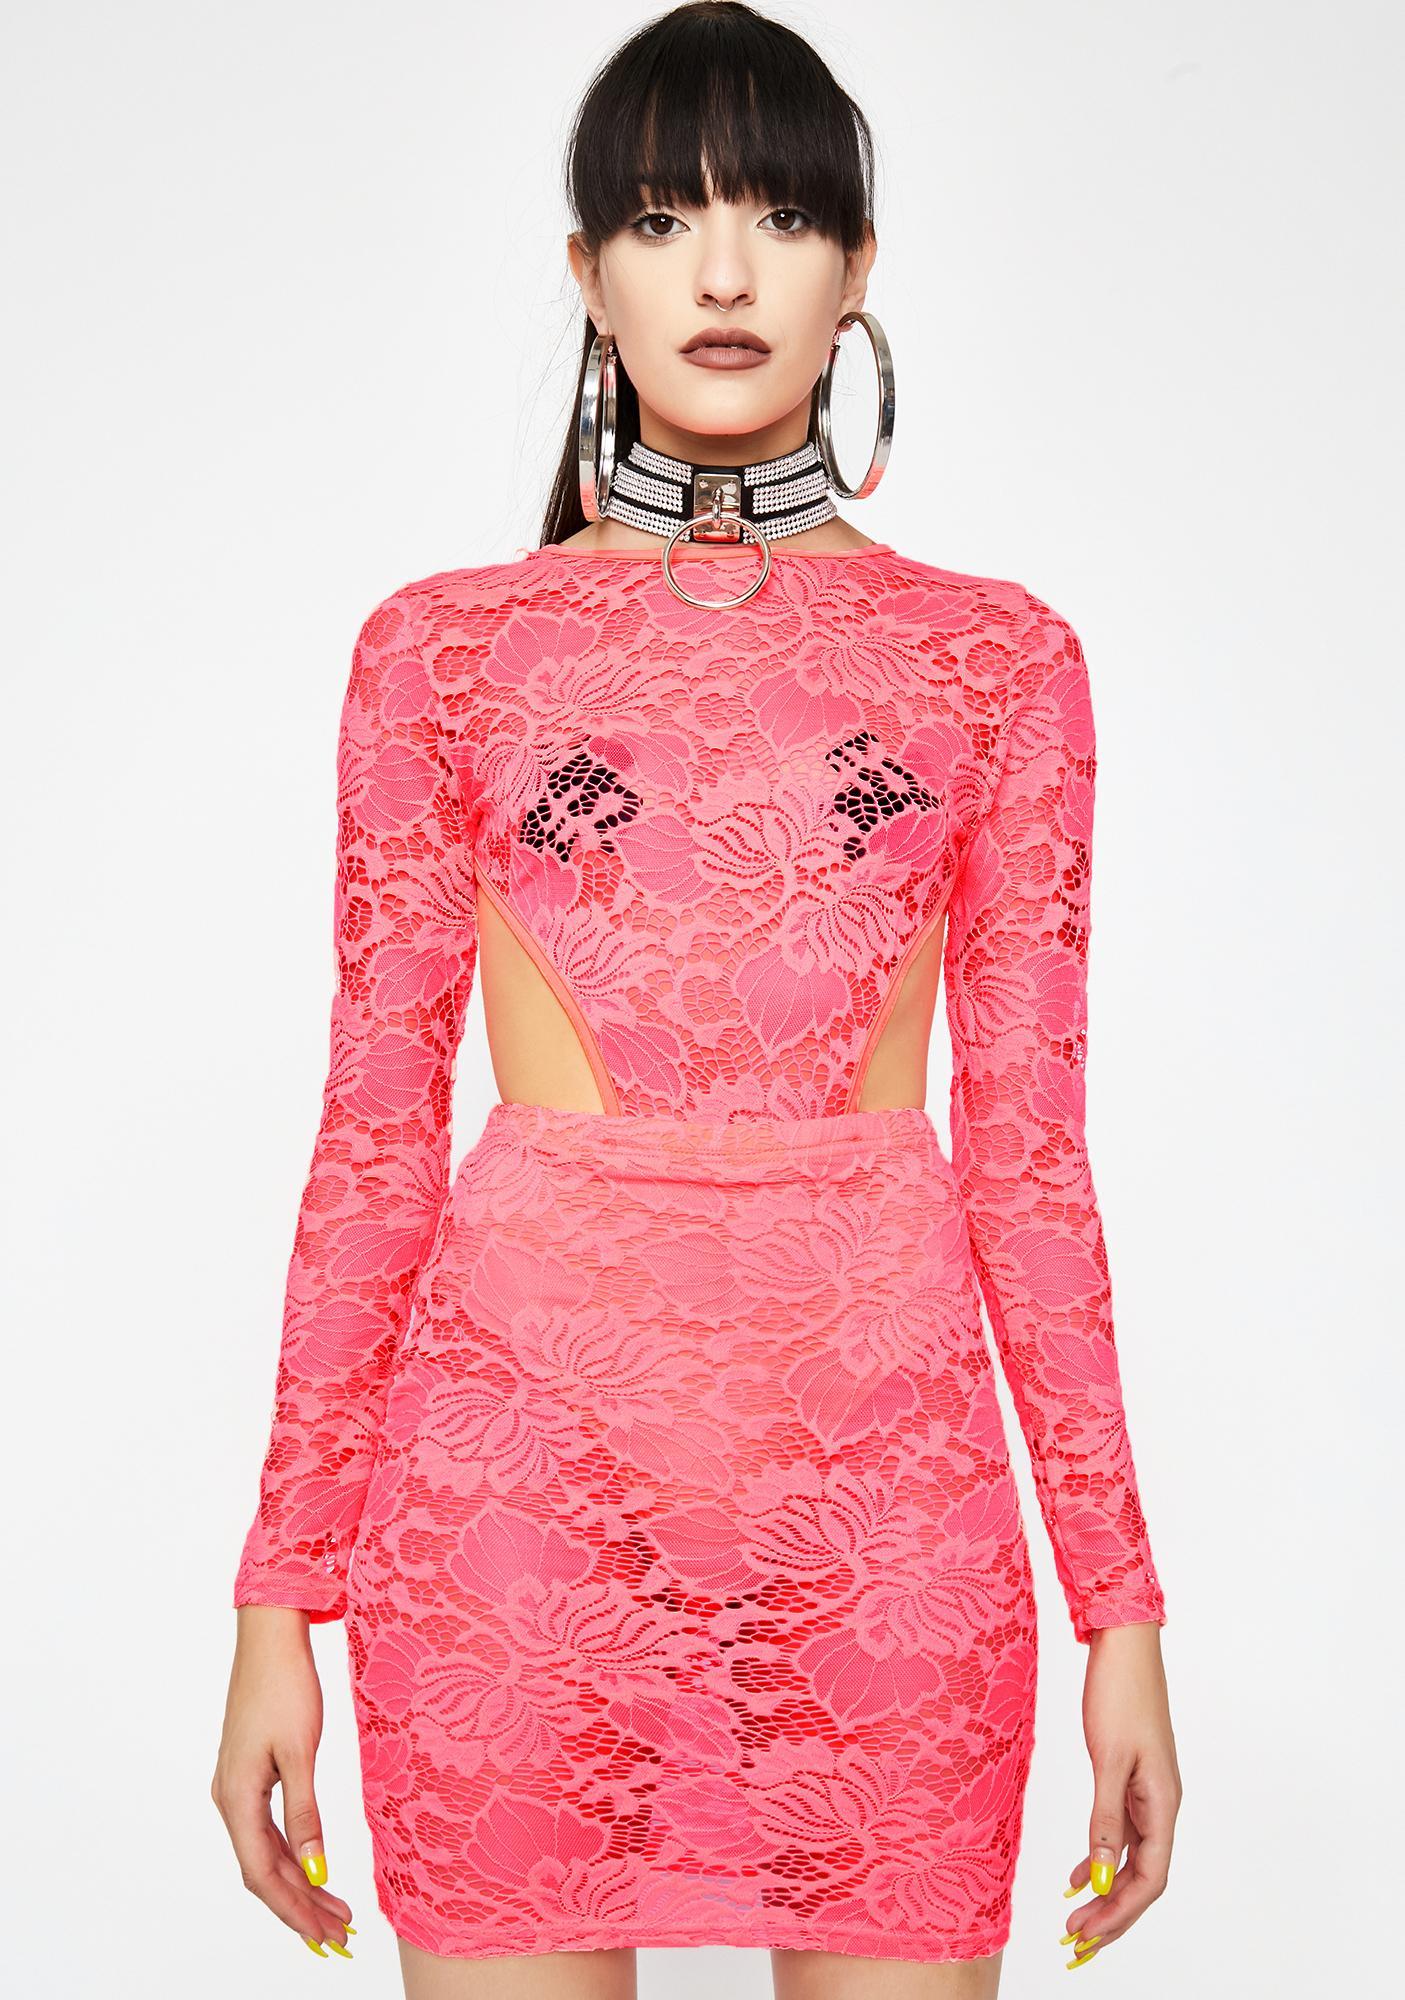 Coral Diva Dominion Lace Dress